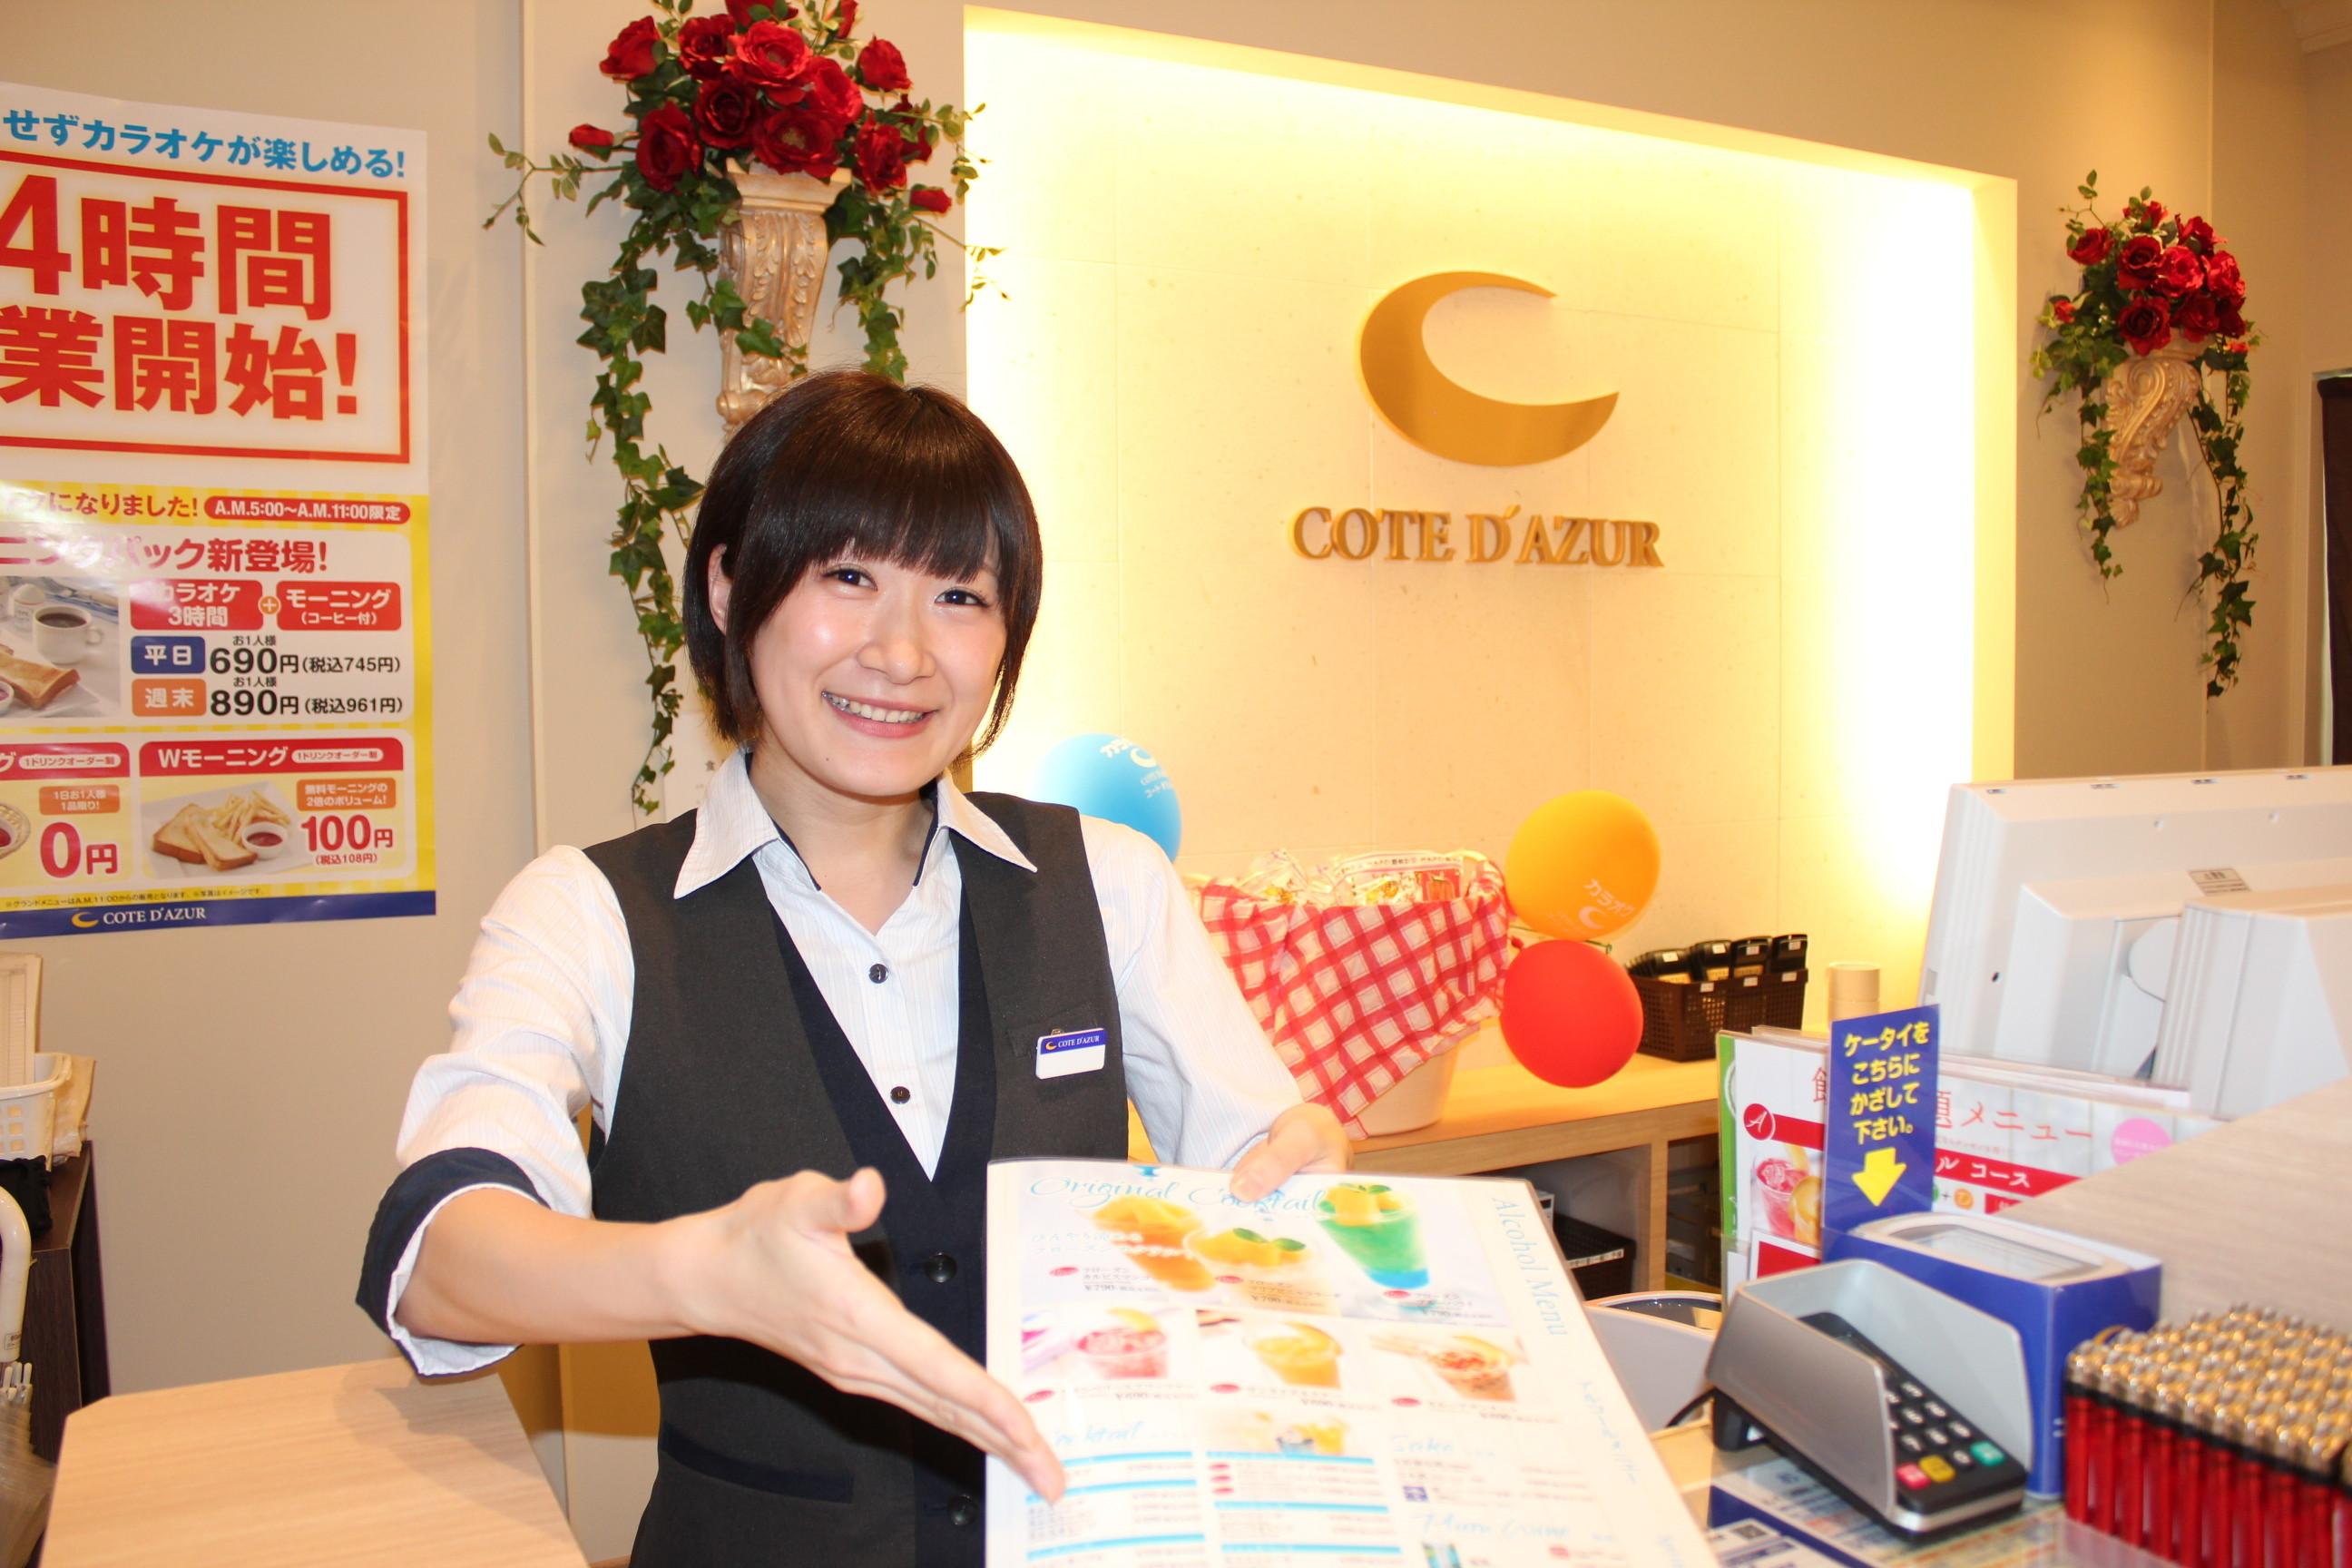 コート・ダジュール 横浜石川町店 のアルバイト情報